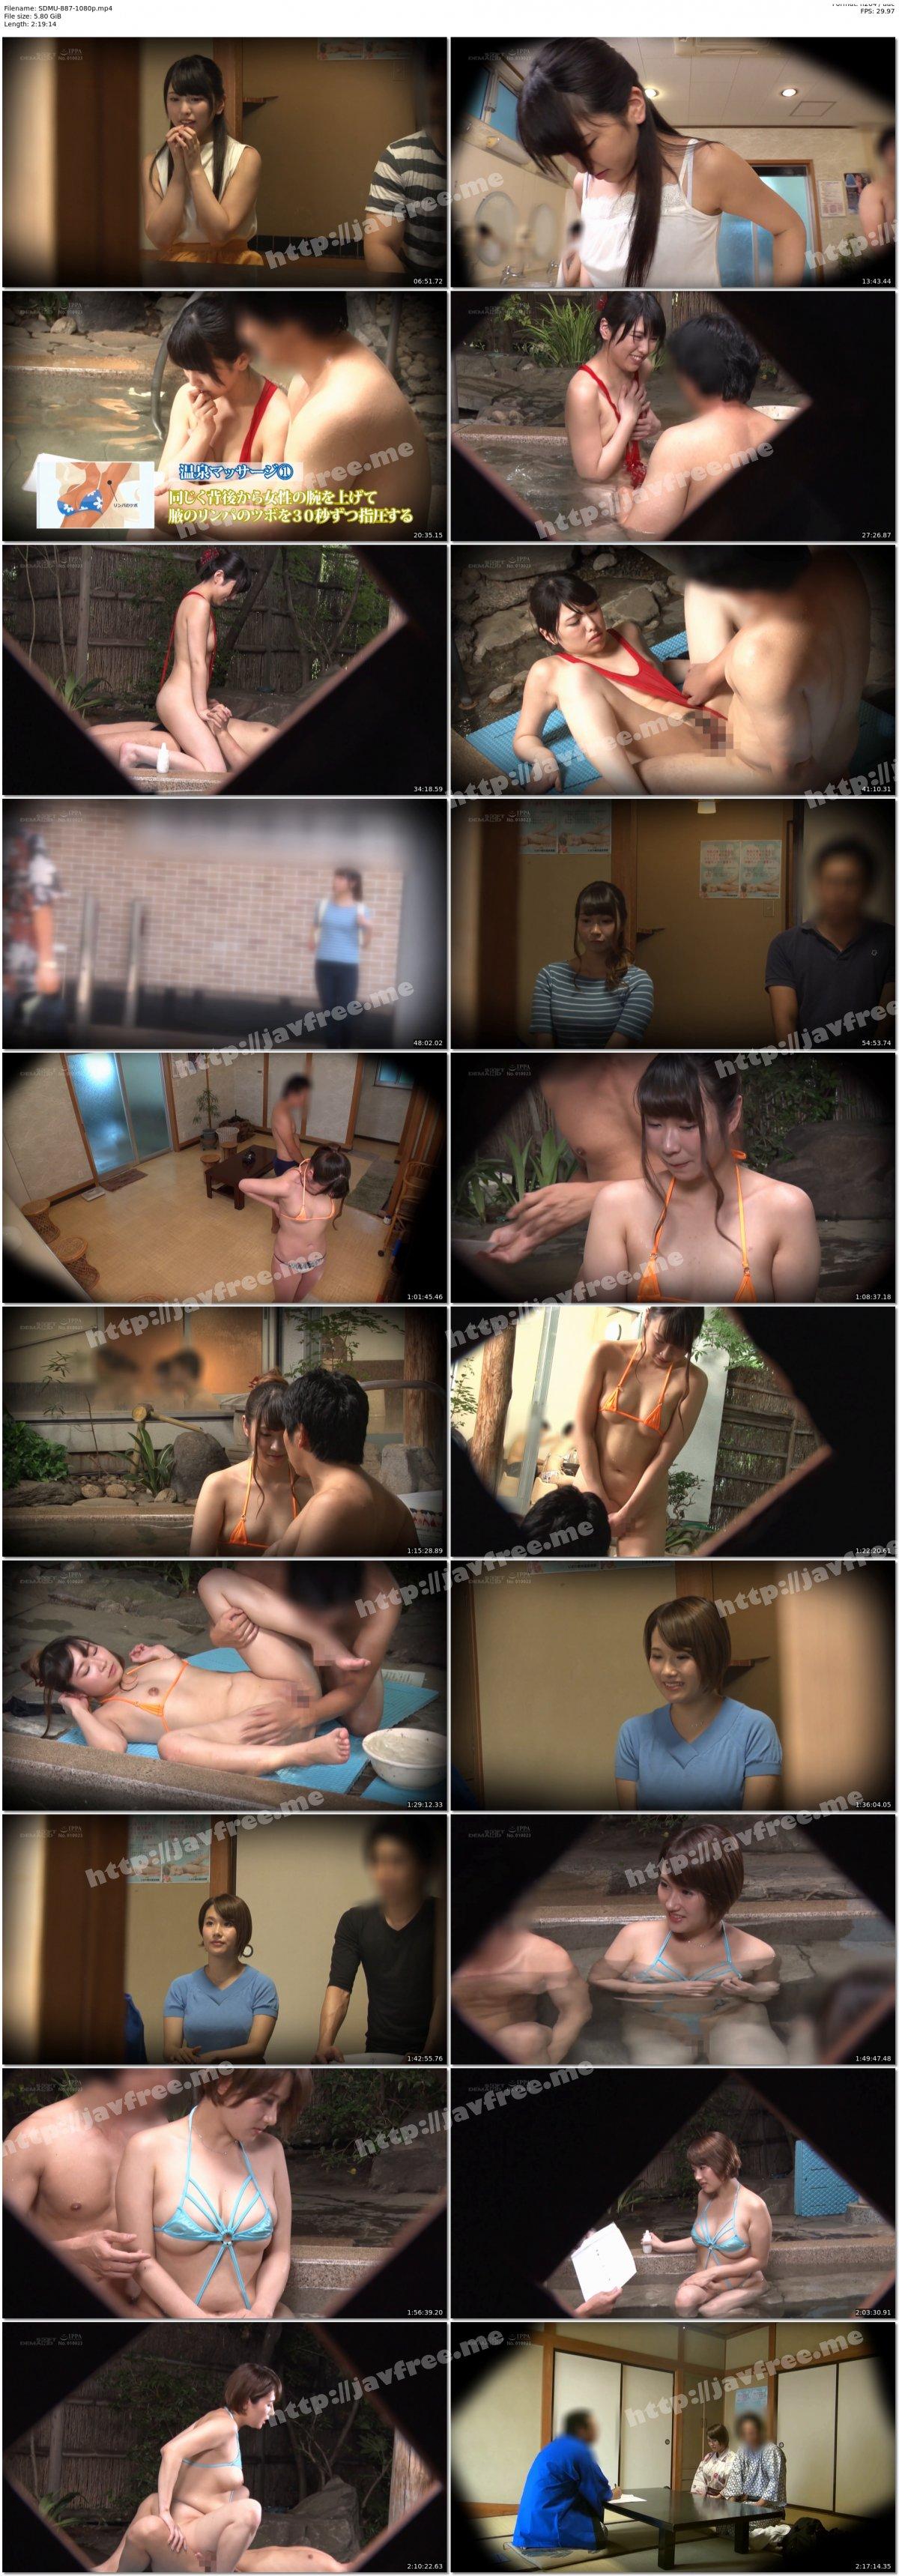 [HD][SDMU-887] 温泉街で見つけた初対面の男女が「裸よりも恥ずかしい水着で混浴体験!!」きわどい相互マッサージをやらされ気分が高まる即席ペアは理性を保てるのか?!